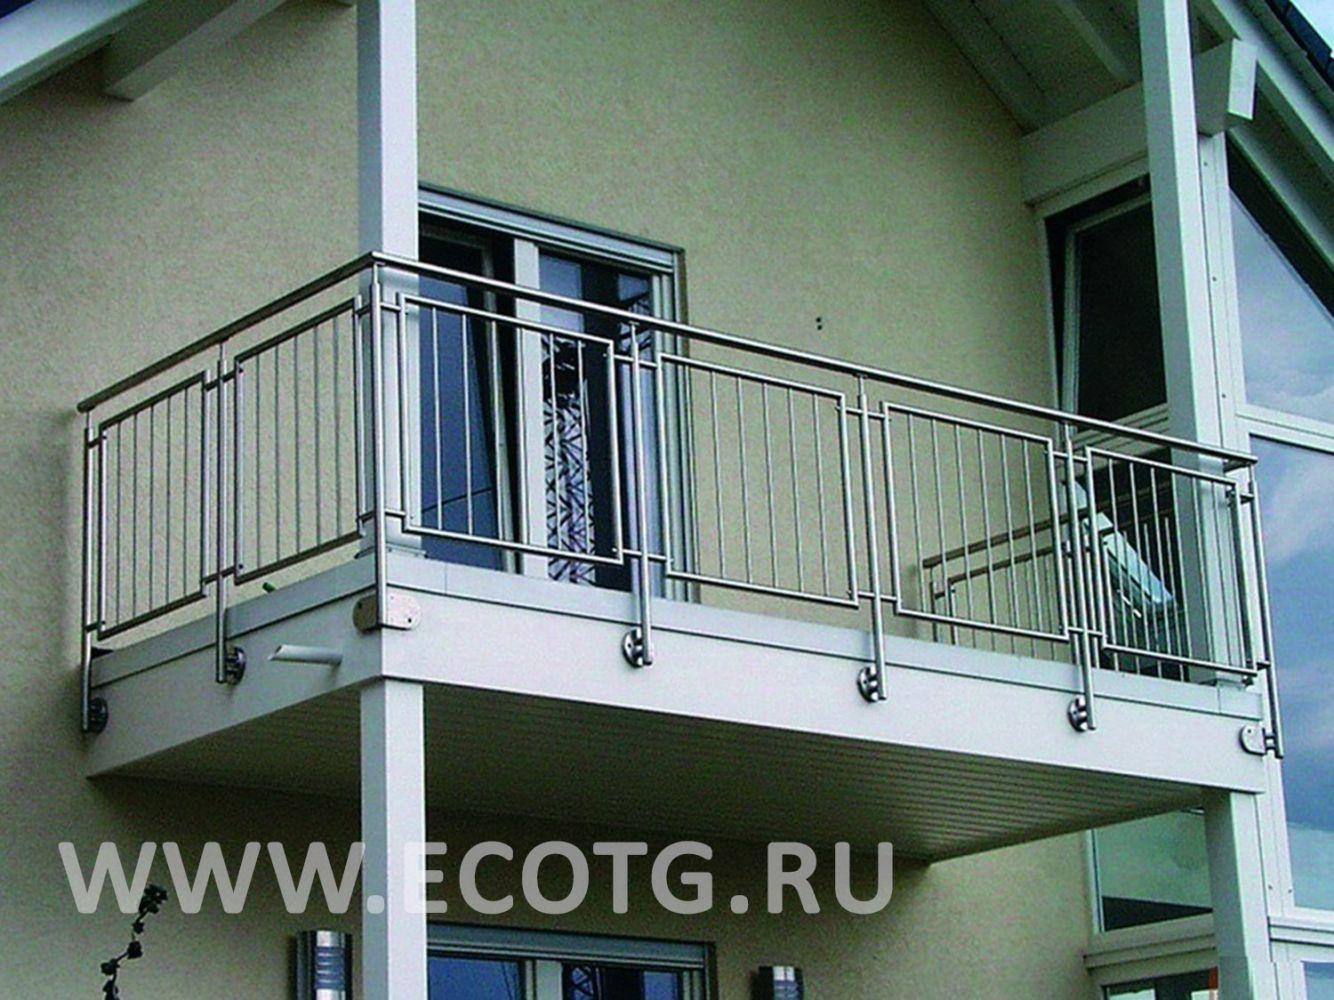 Заказать балконыне ограждения в екотехнолоджигруп.